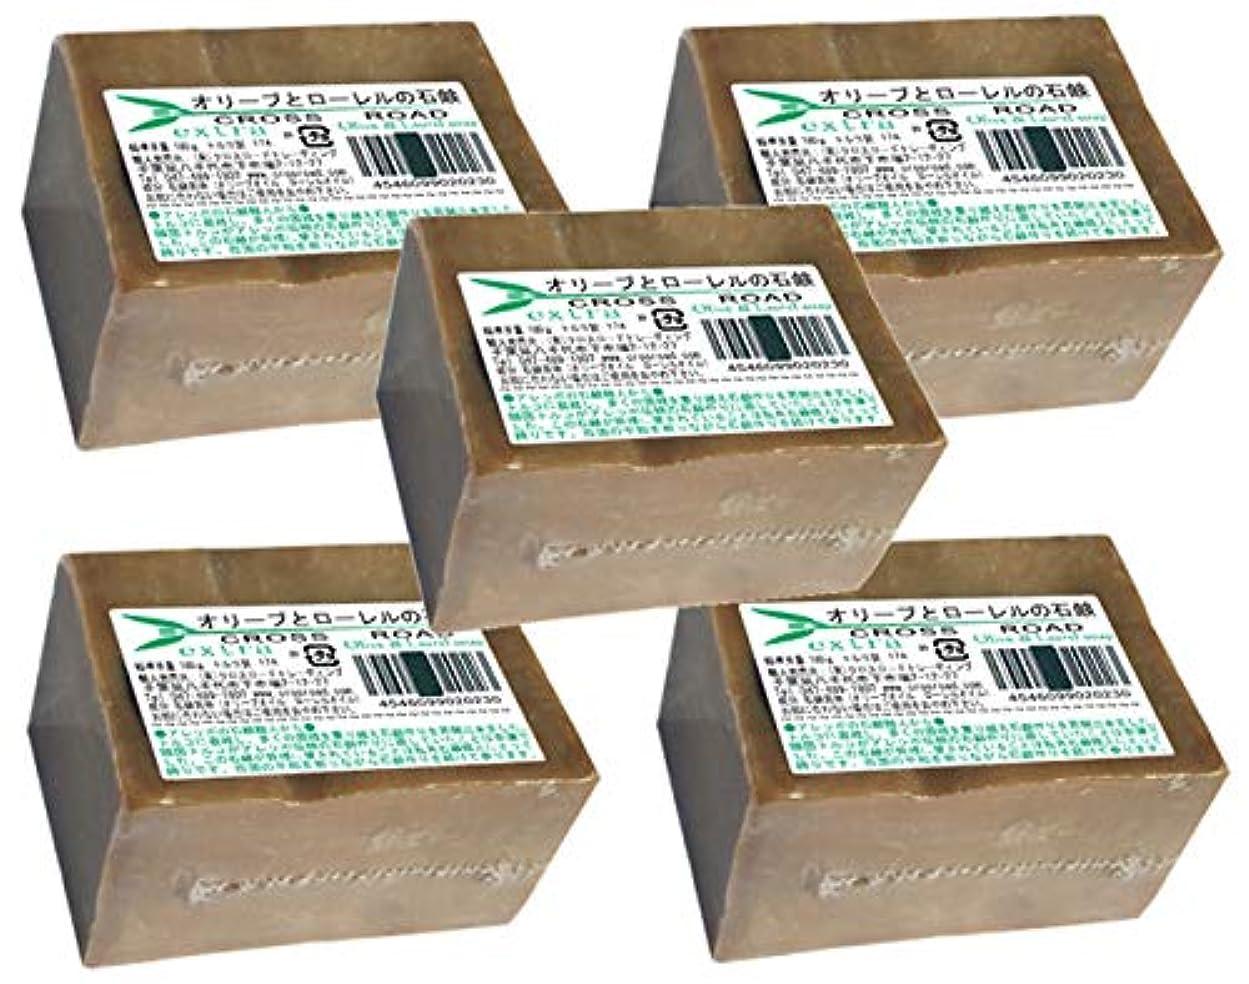 力鼻路面電車オリーブとローレルの石鹸(エキストラ)5個セット[並行輸入品]